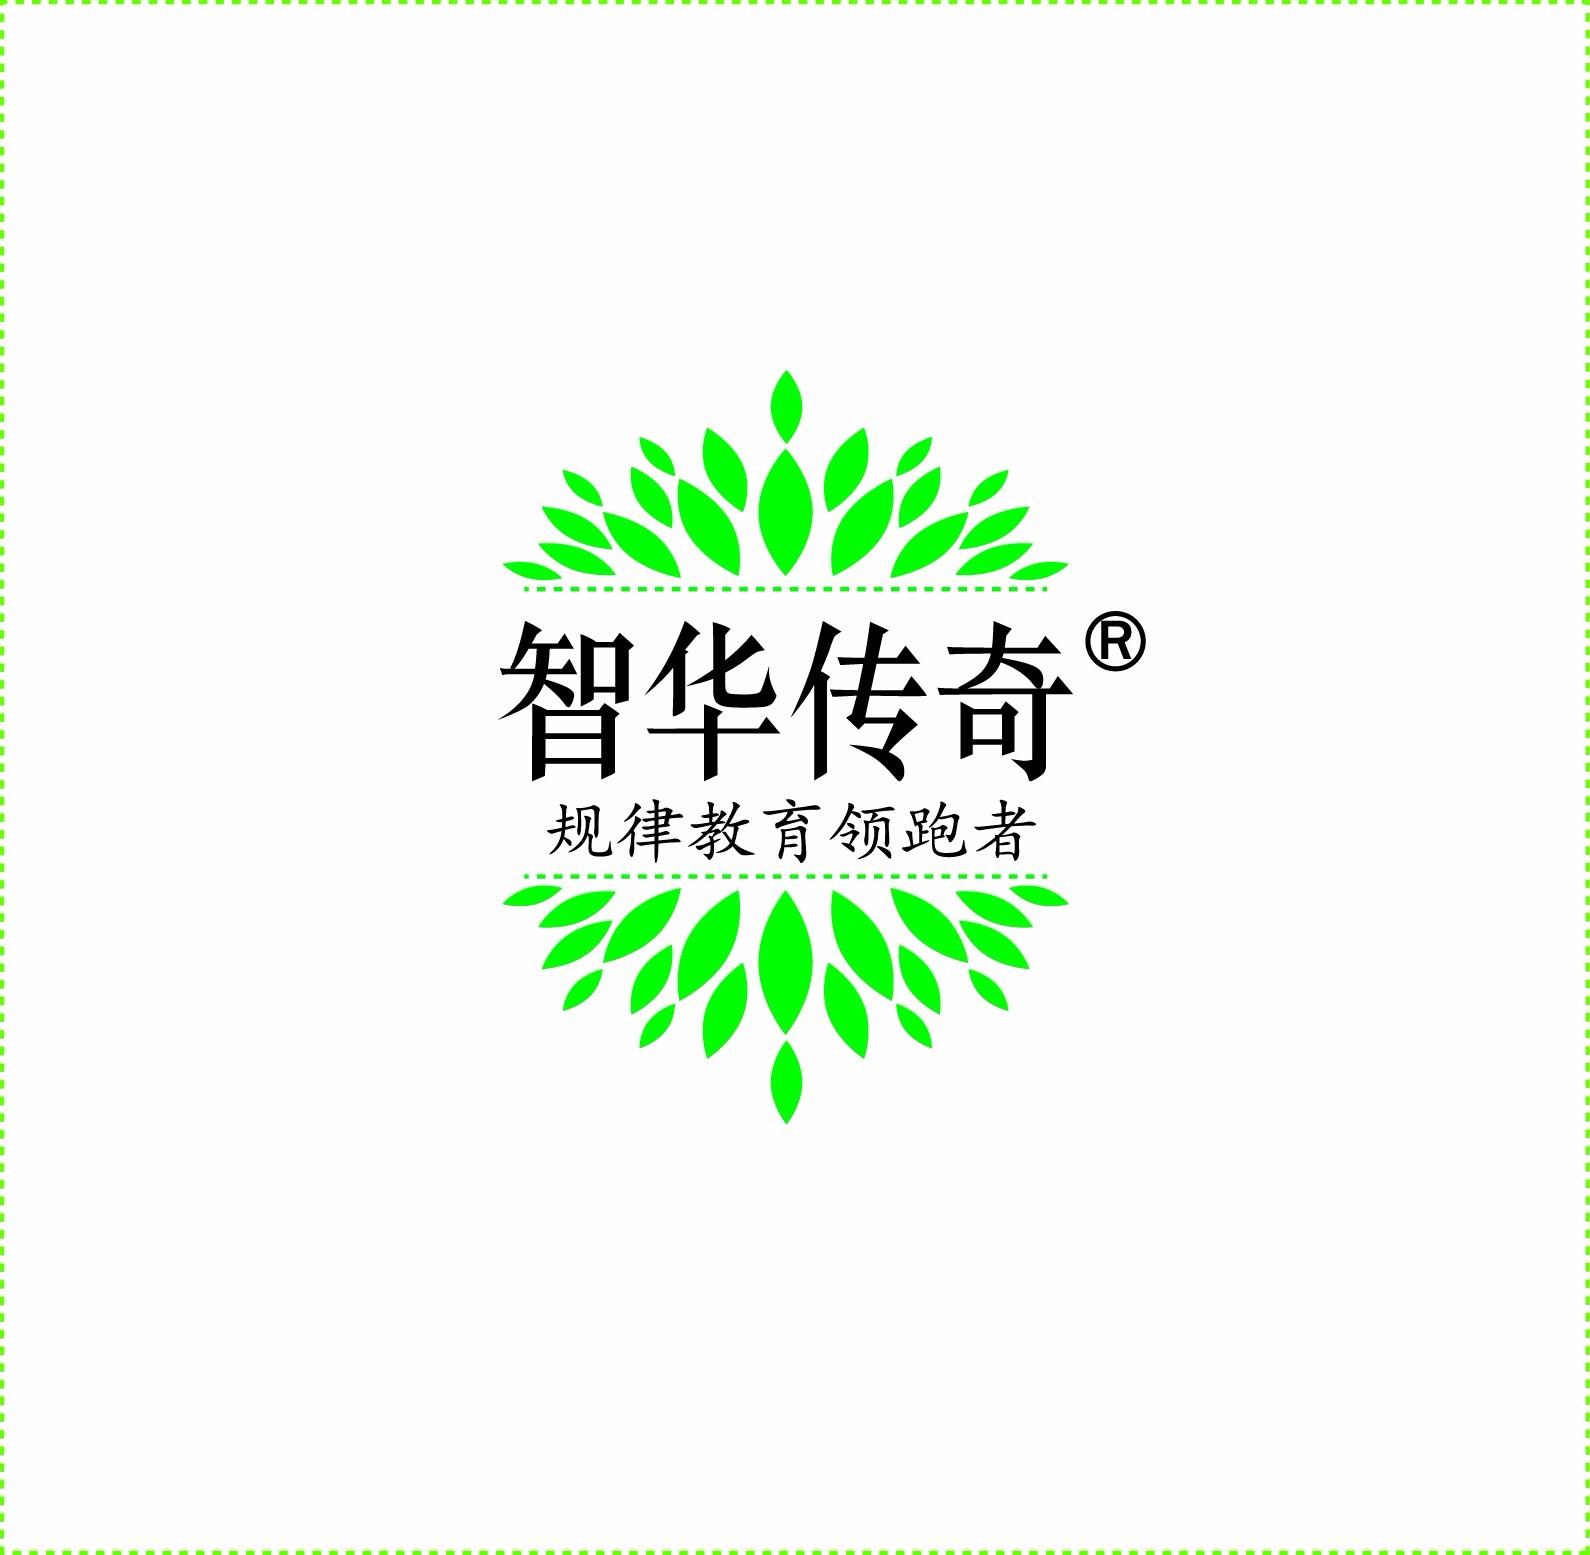 金华市智业华勤企业咨询管理有限公司